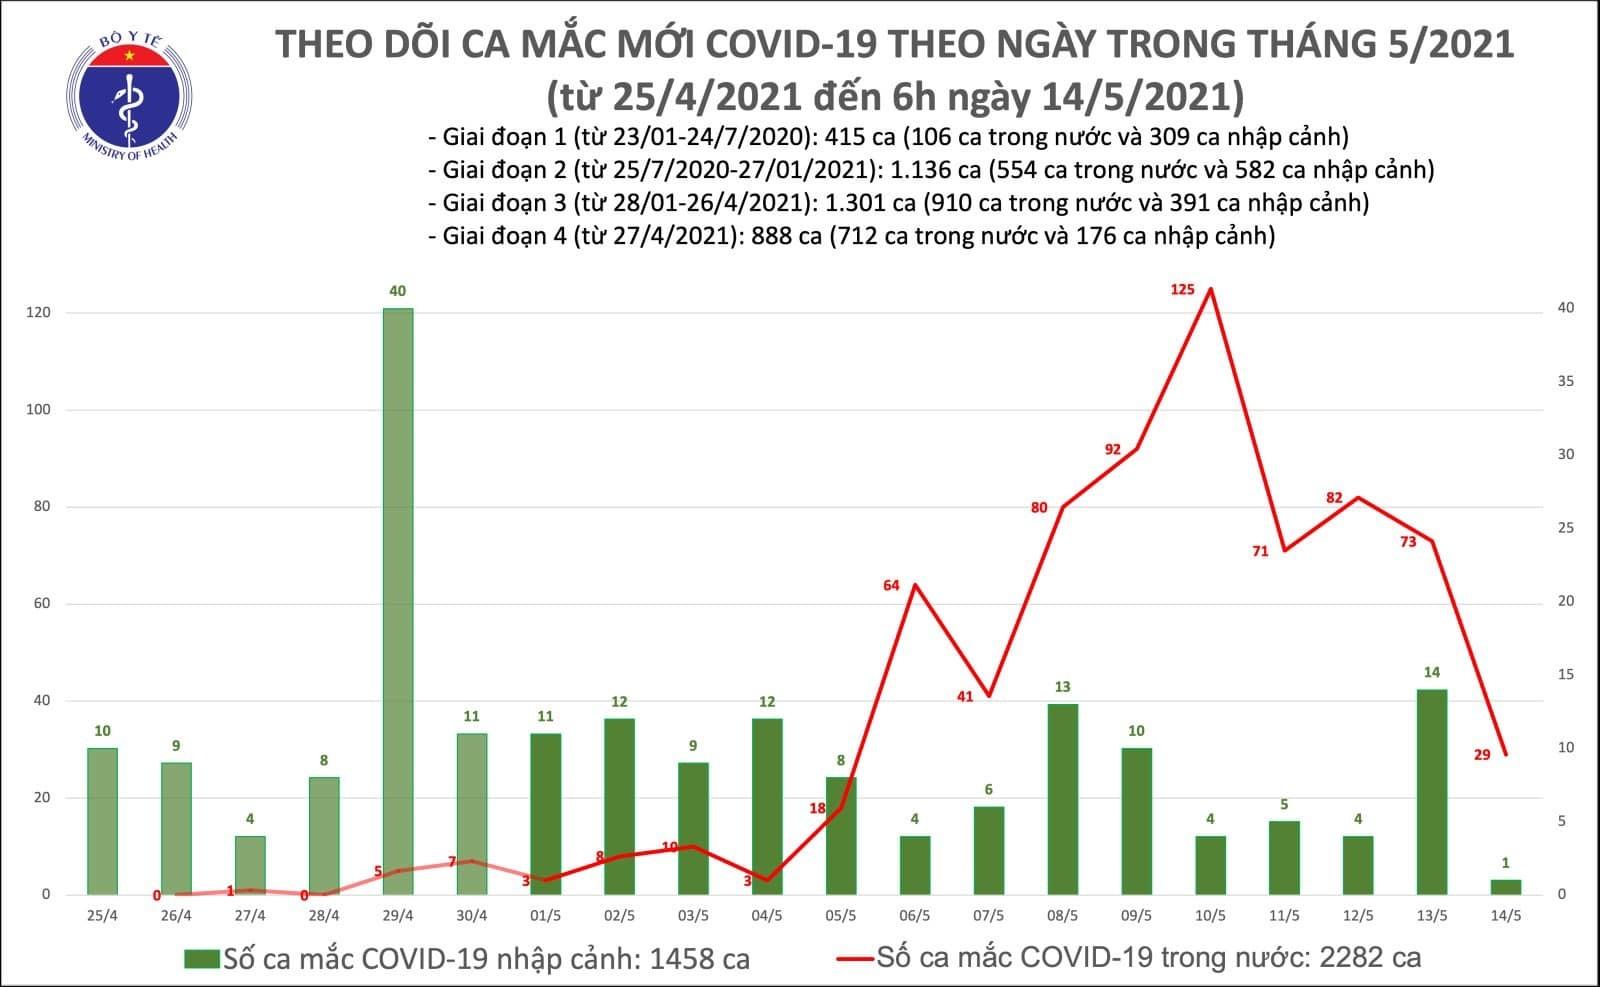 Sáng 14/5, Việt Nam ghi nhận 29 ca Covid-19 nhiễm trong nước